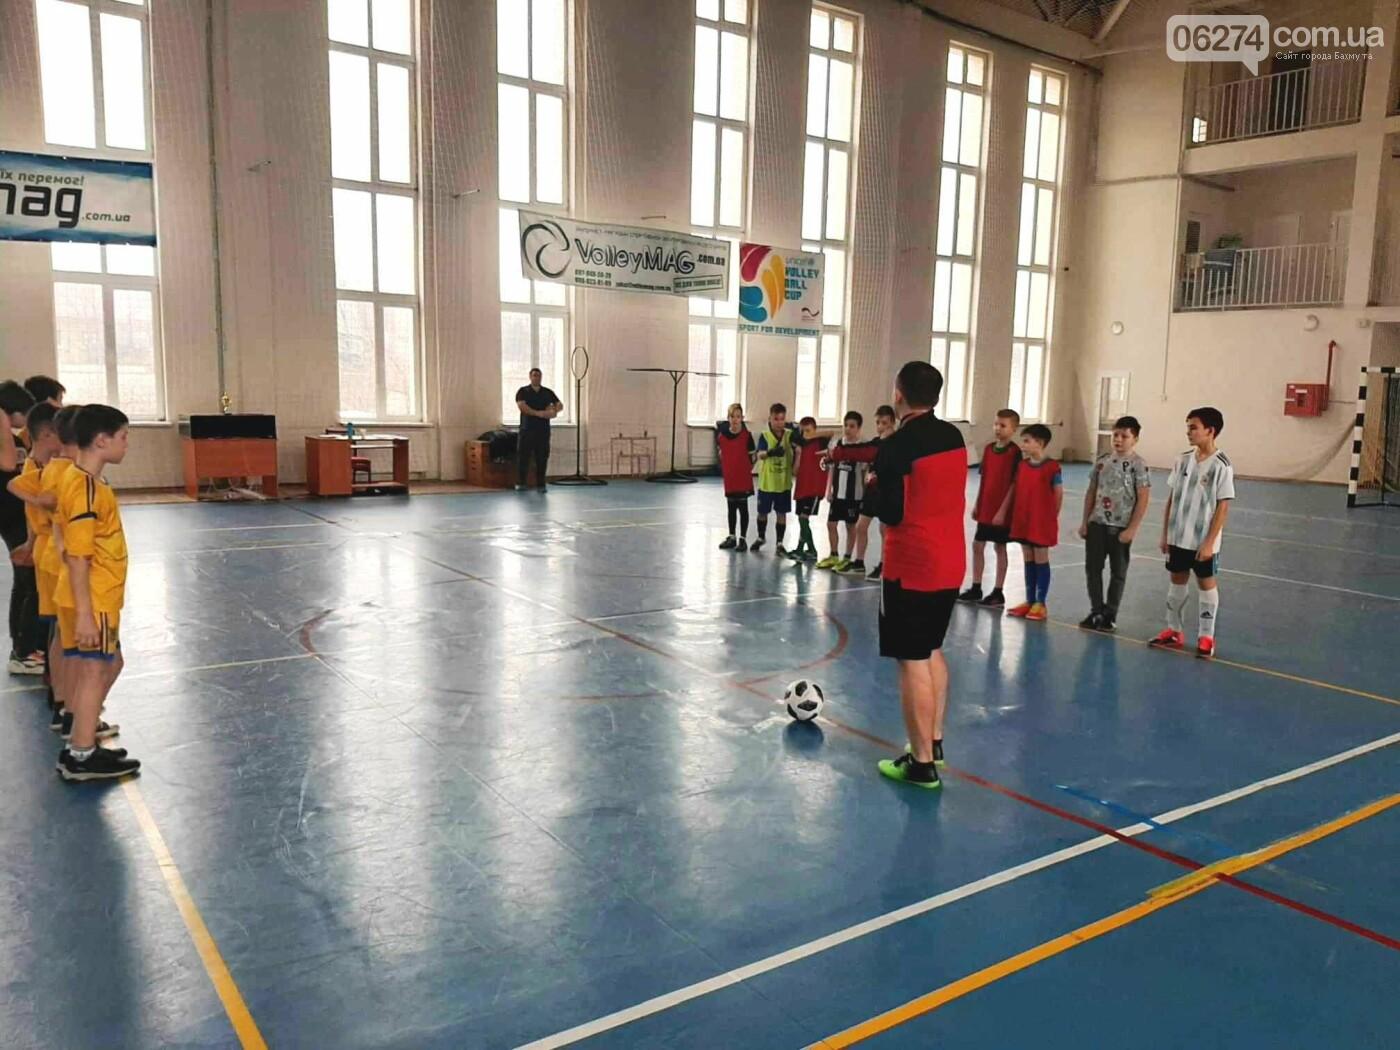 В Бахмуте состоялась «Школьная футзальная лига», фото-4